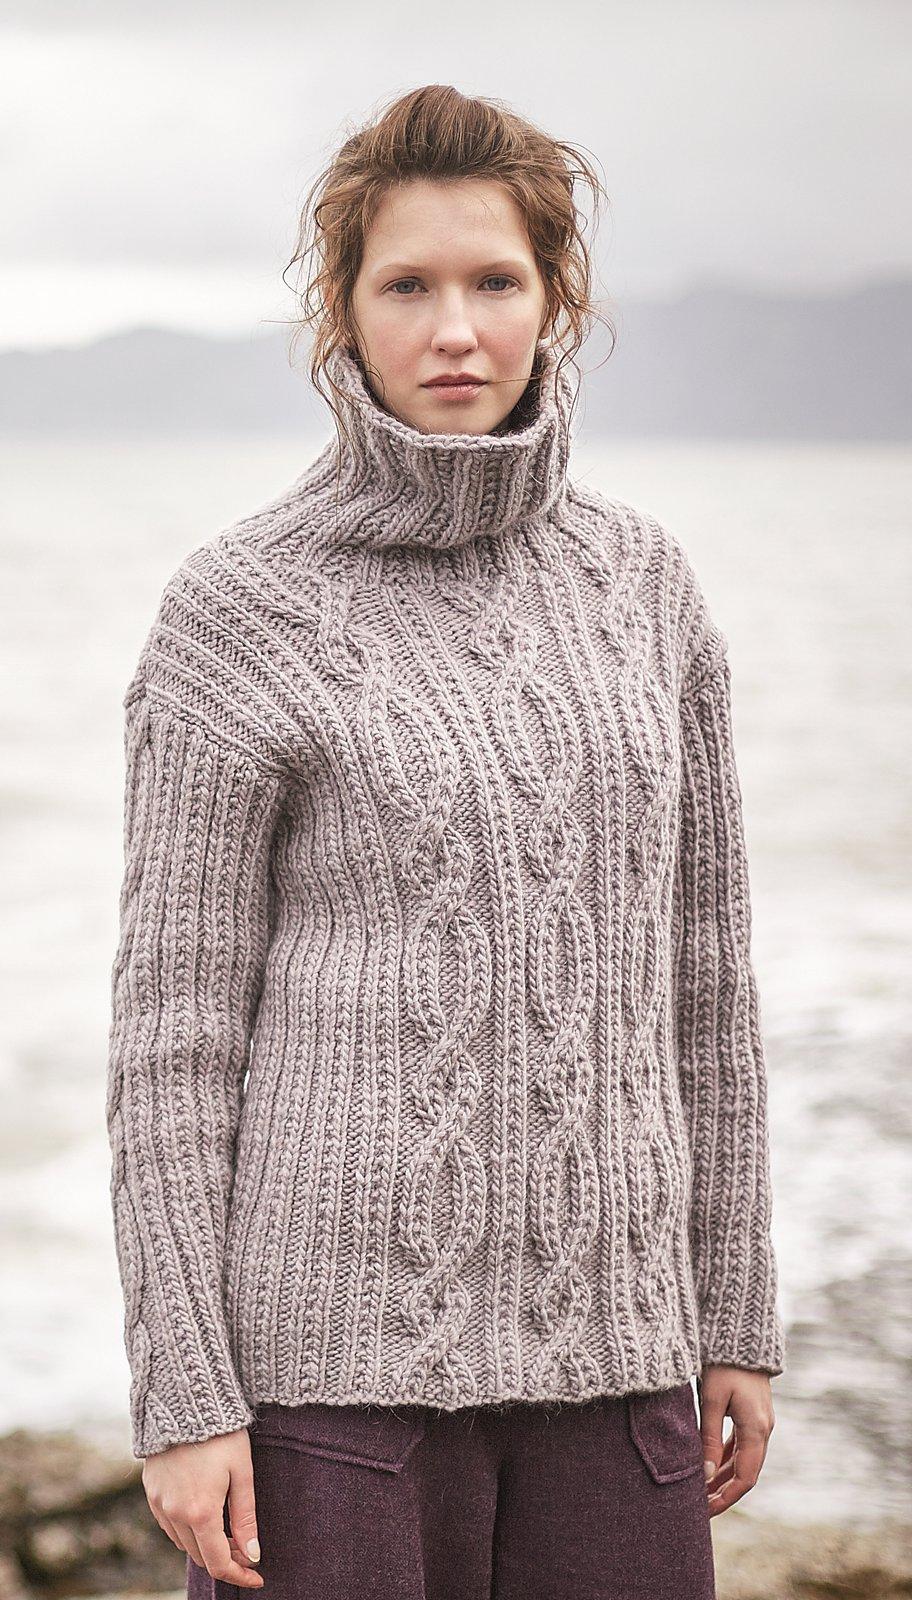 длинный свитер с косами Havana вяжиру